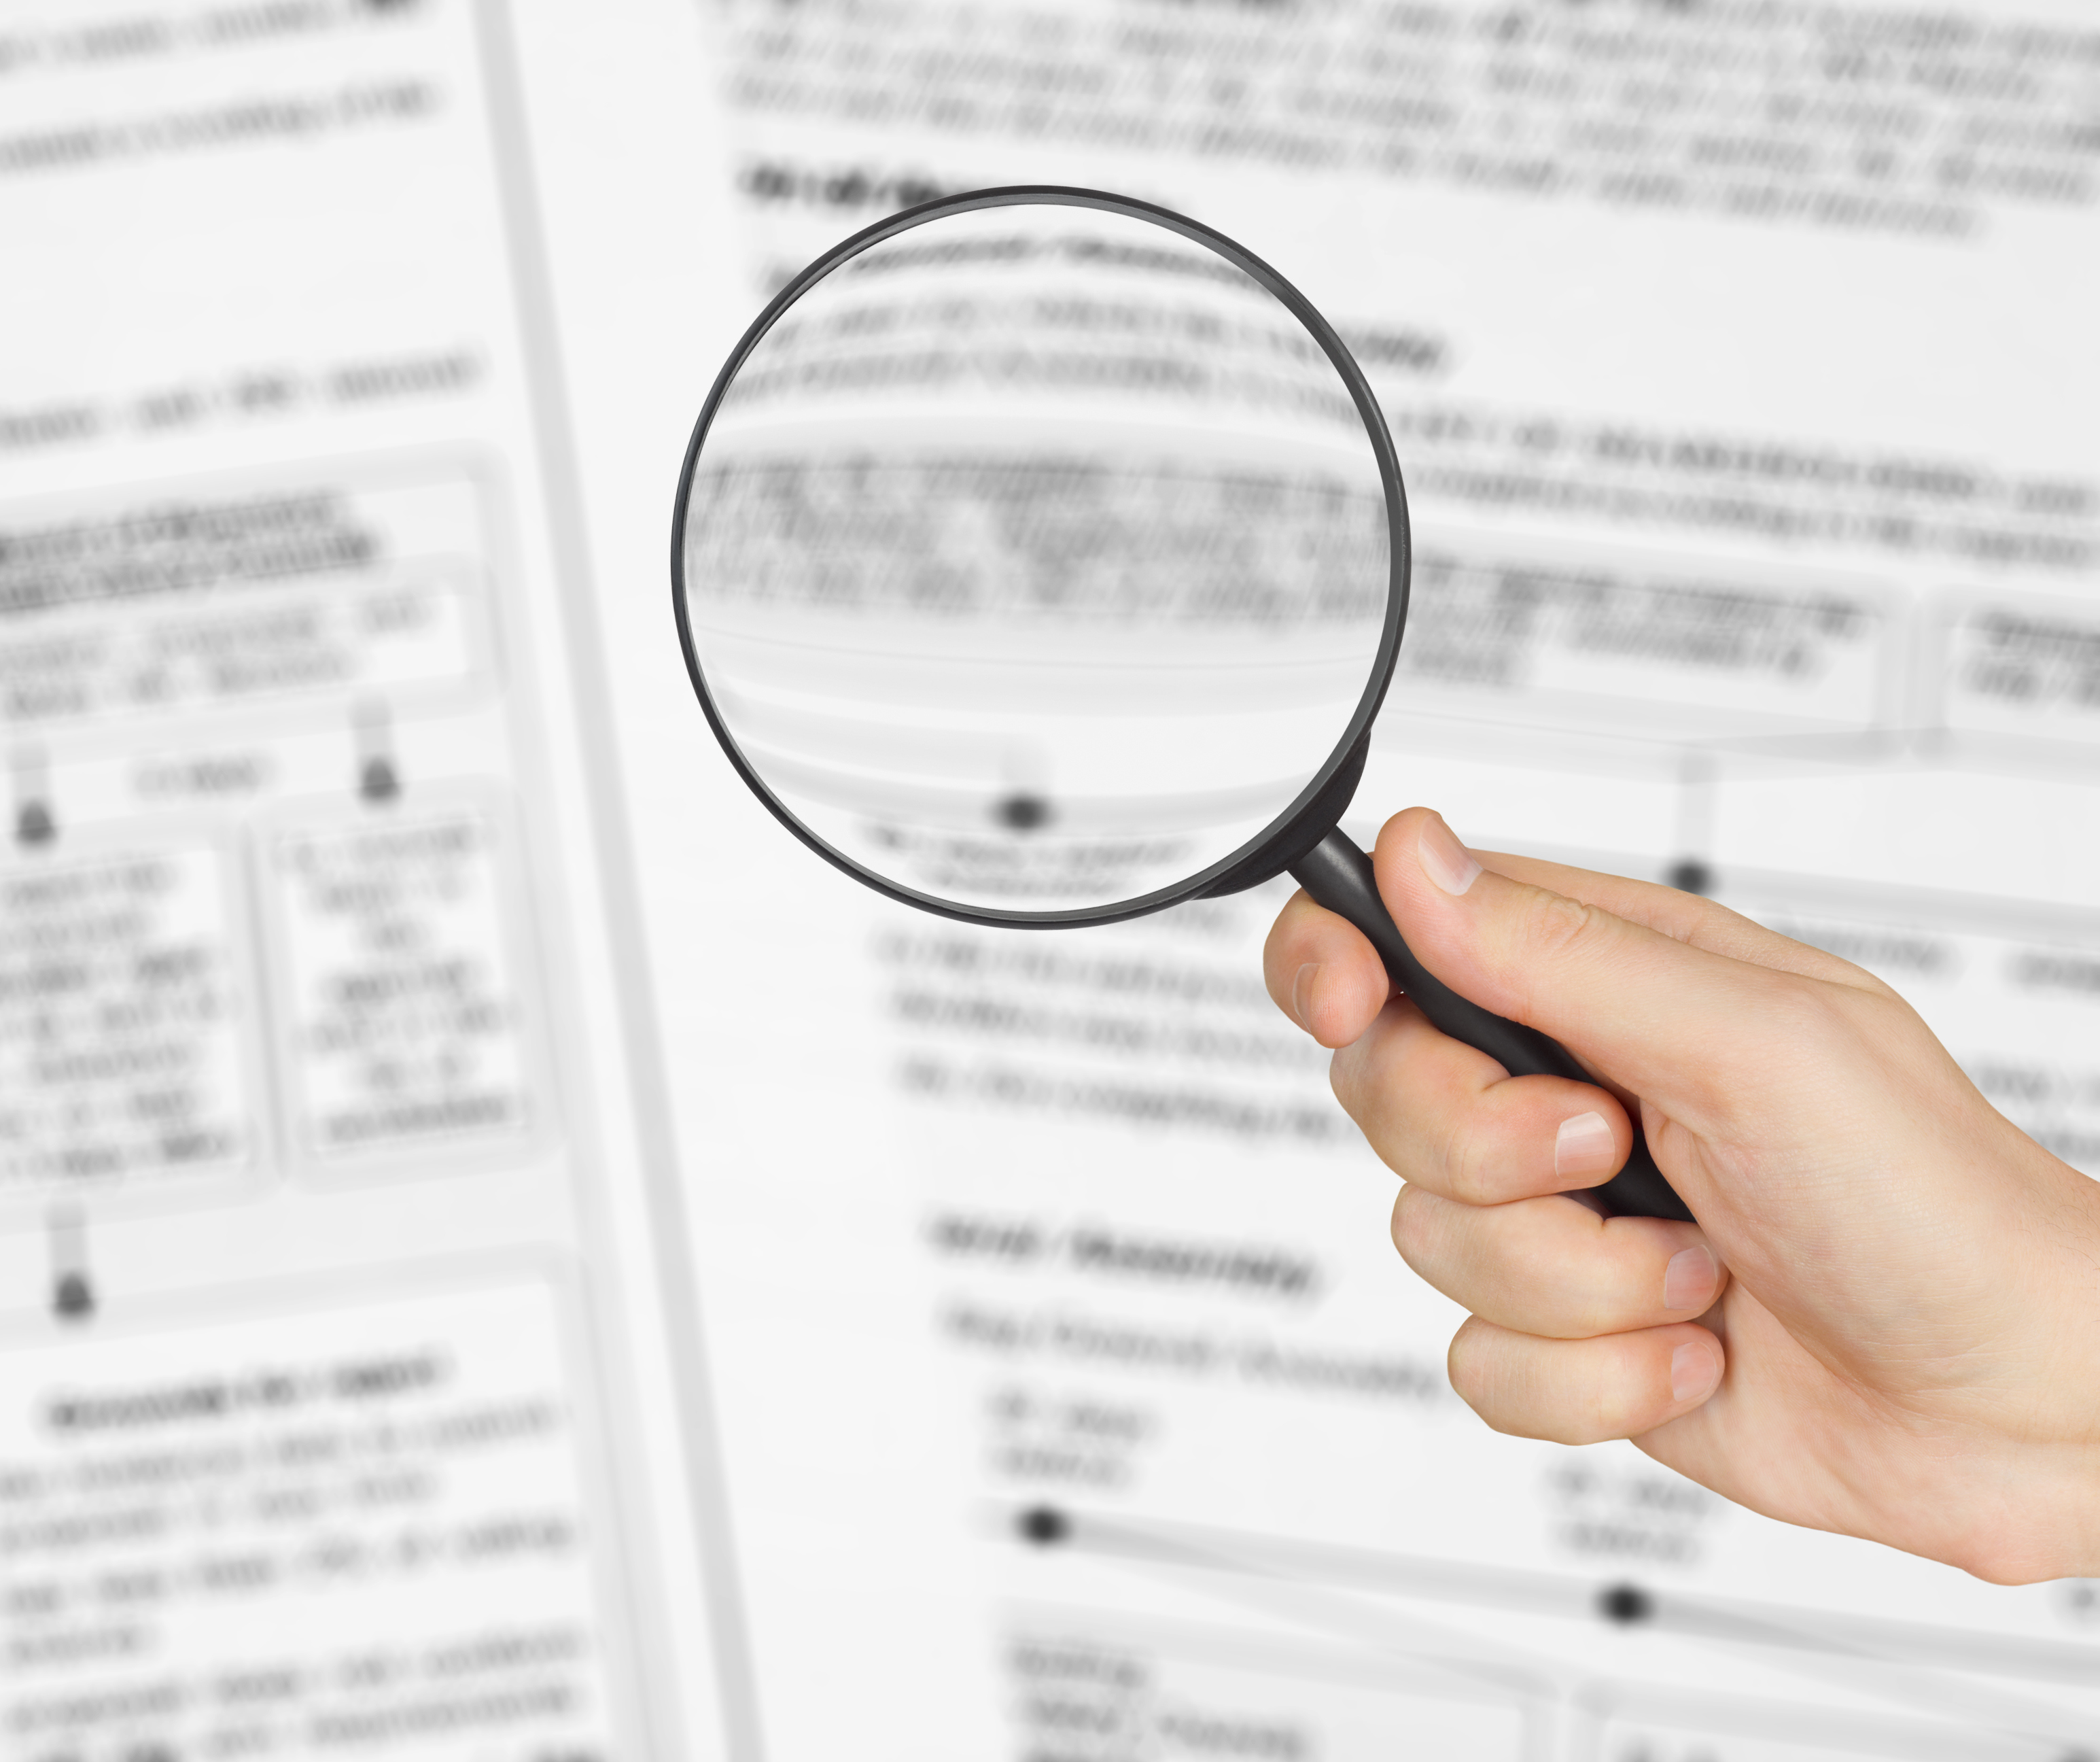 impôts locaux taxe foncière taxe d'habitation